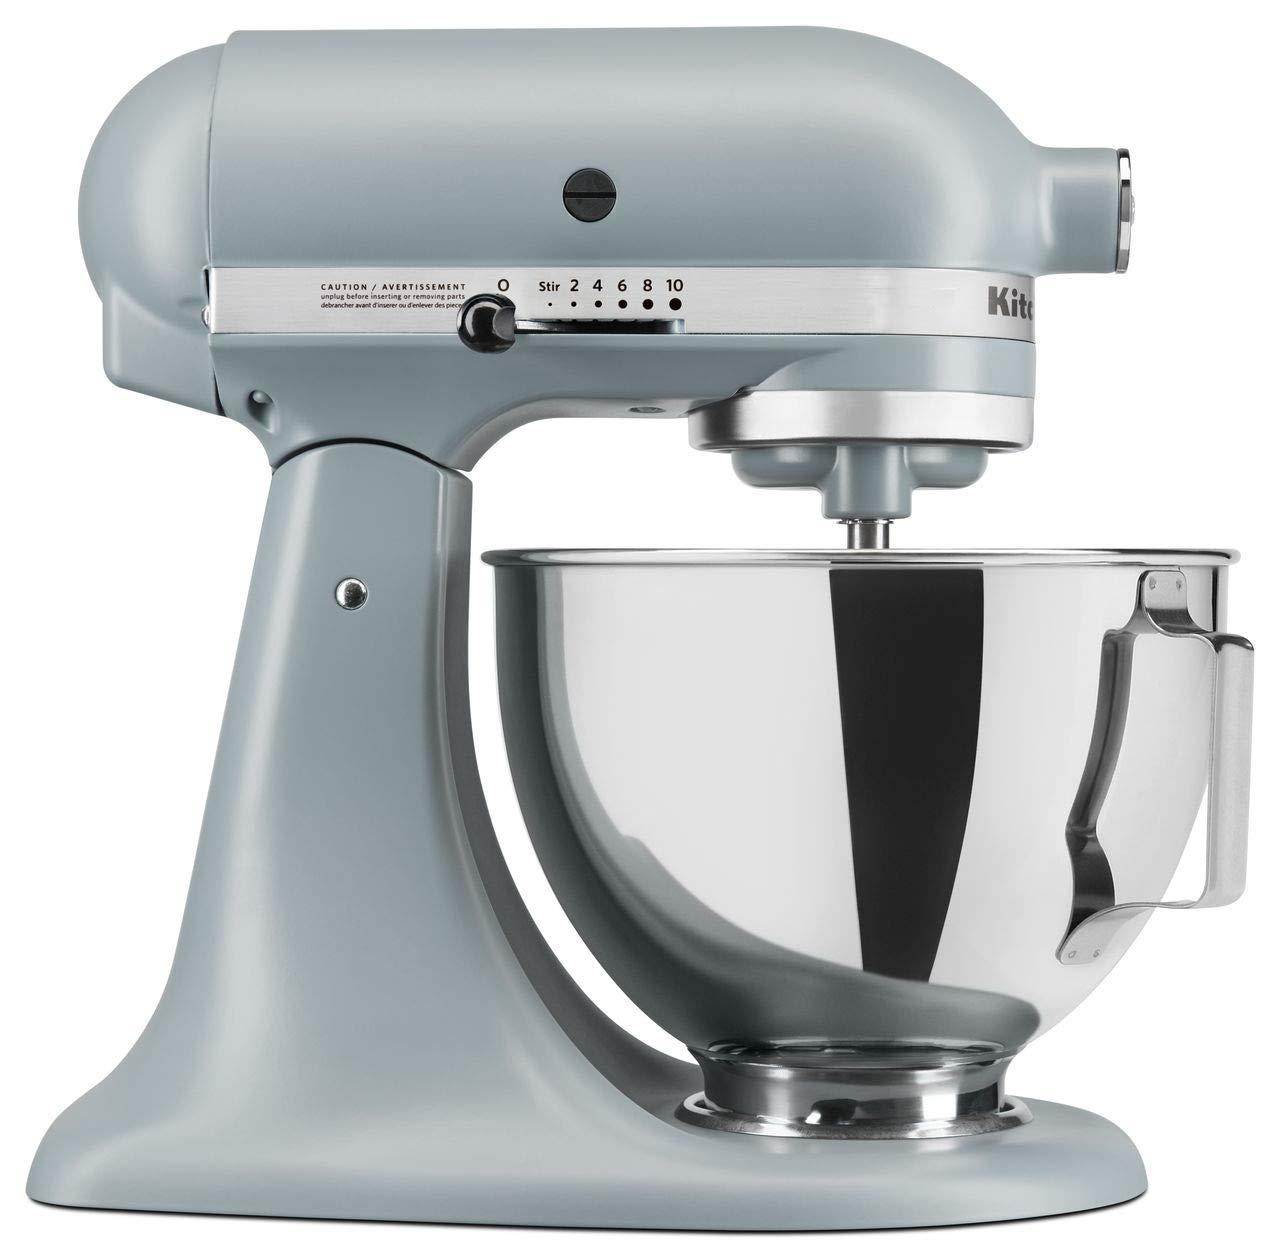 KitchenAid RRK150MF Artisan Series 5-Qt. Stand Mixer - Matte Fog Blue (Renewed) ï¾...